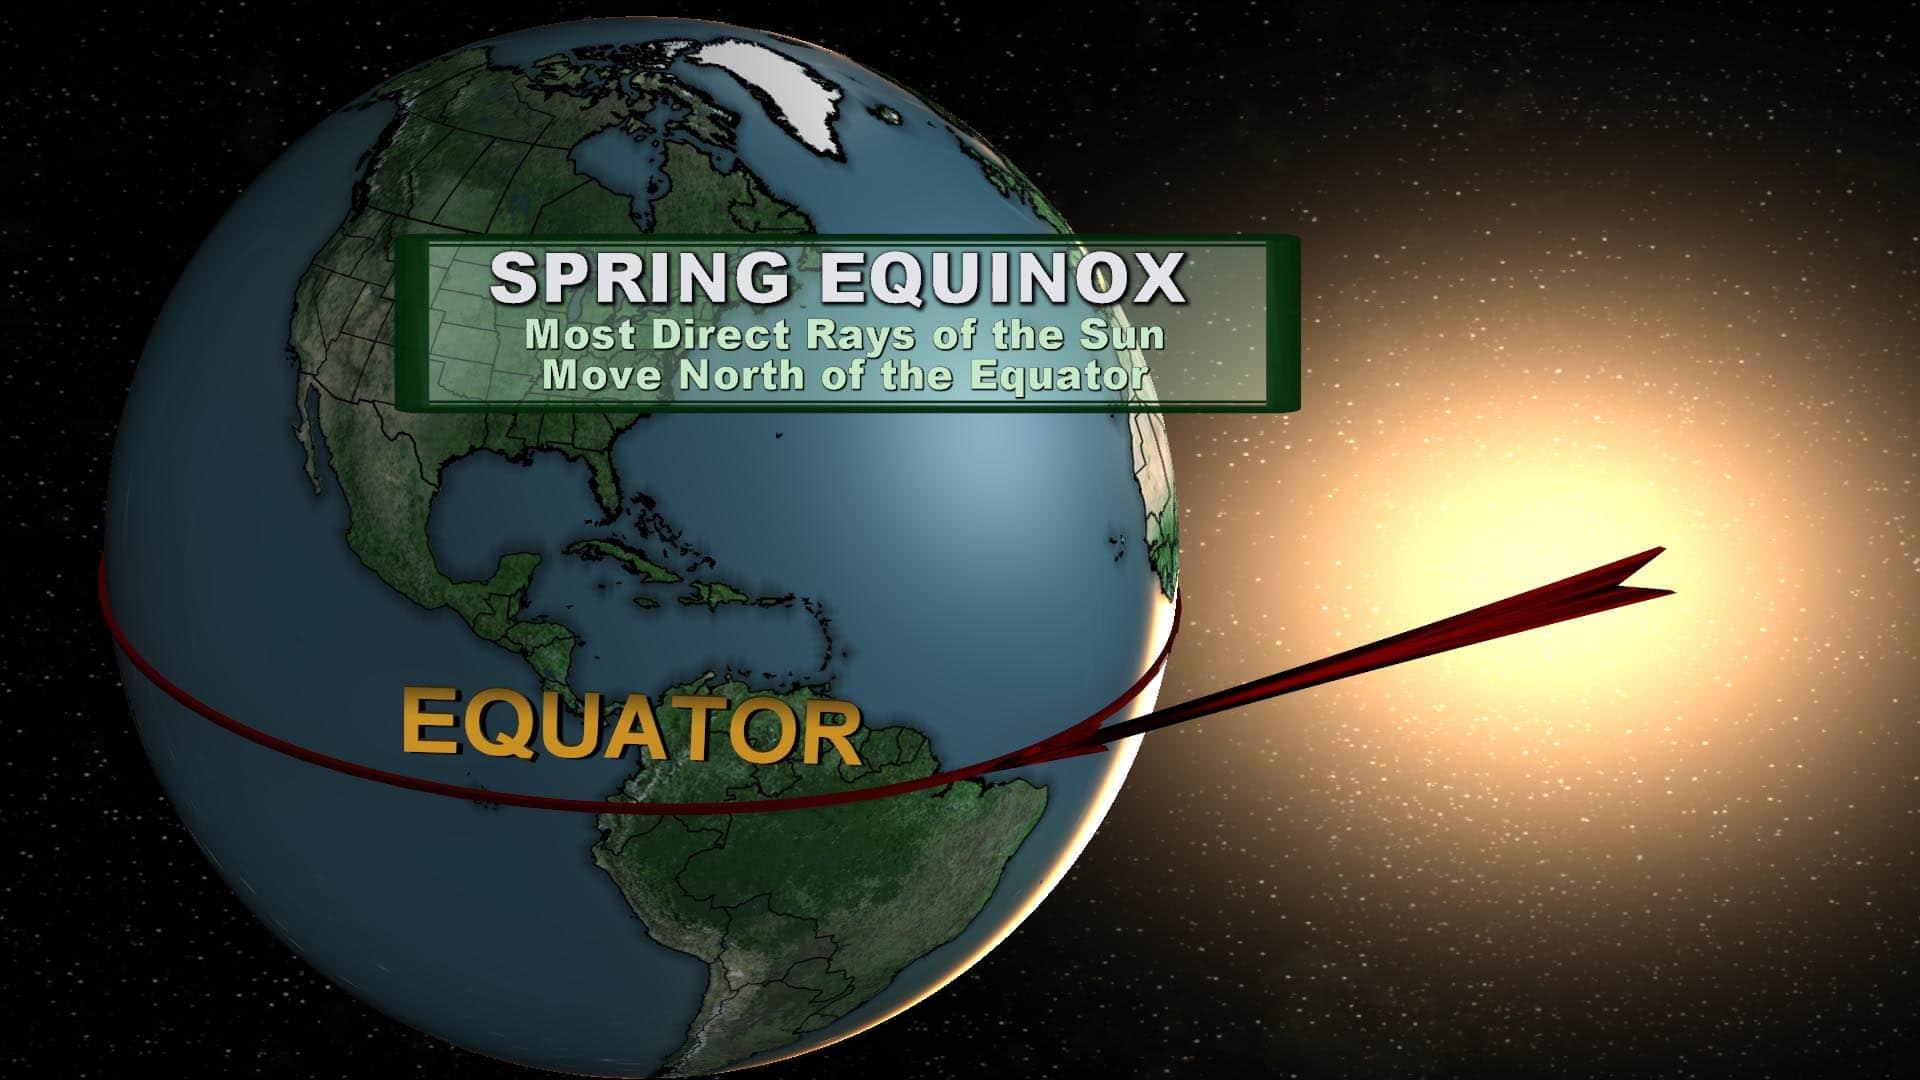 vernal spring equinox 2017